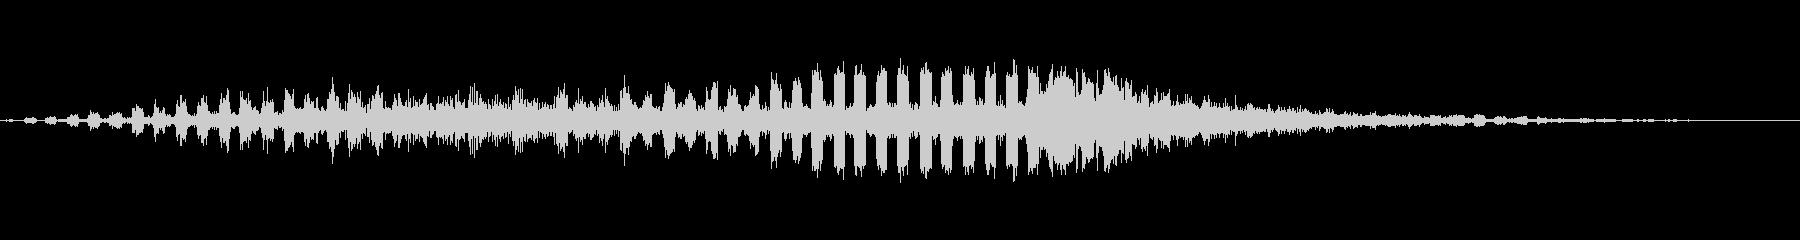 パルセートパルシングフィルターの未再生の波形